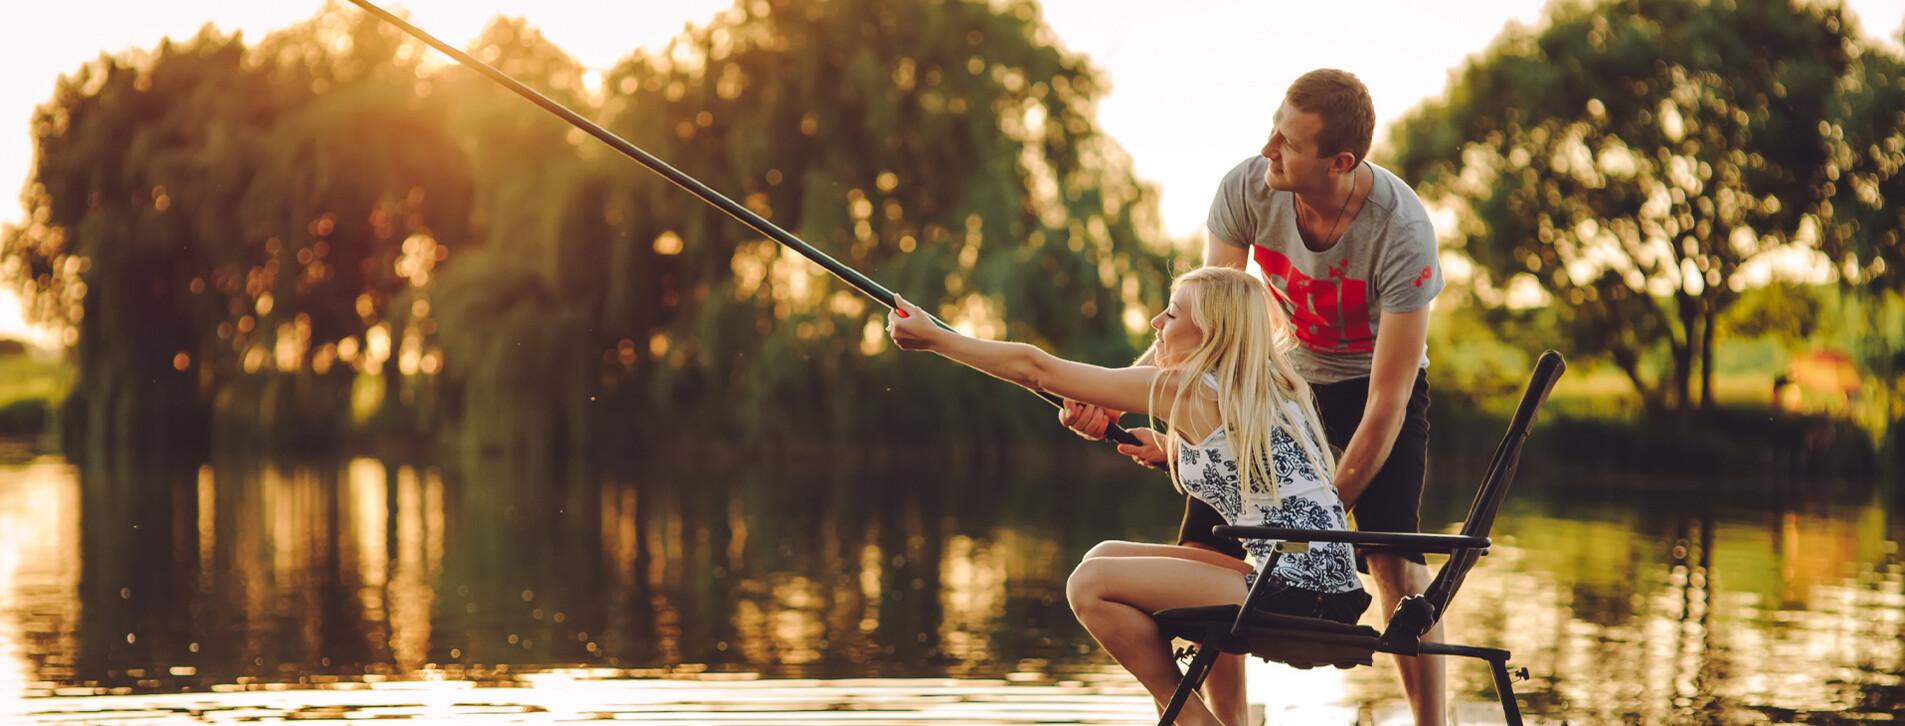 Фото 1 - Каникулы с рыбалкой в «Дельте Днепра» для двоих